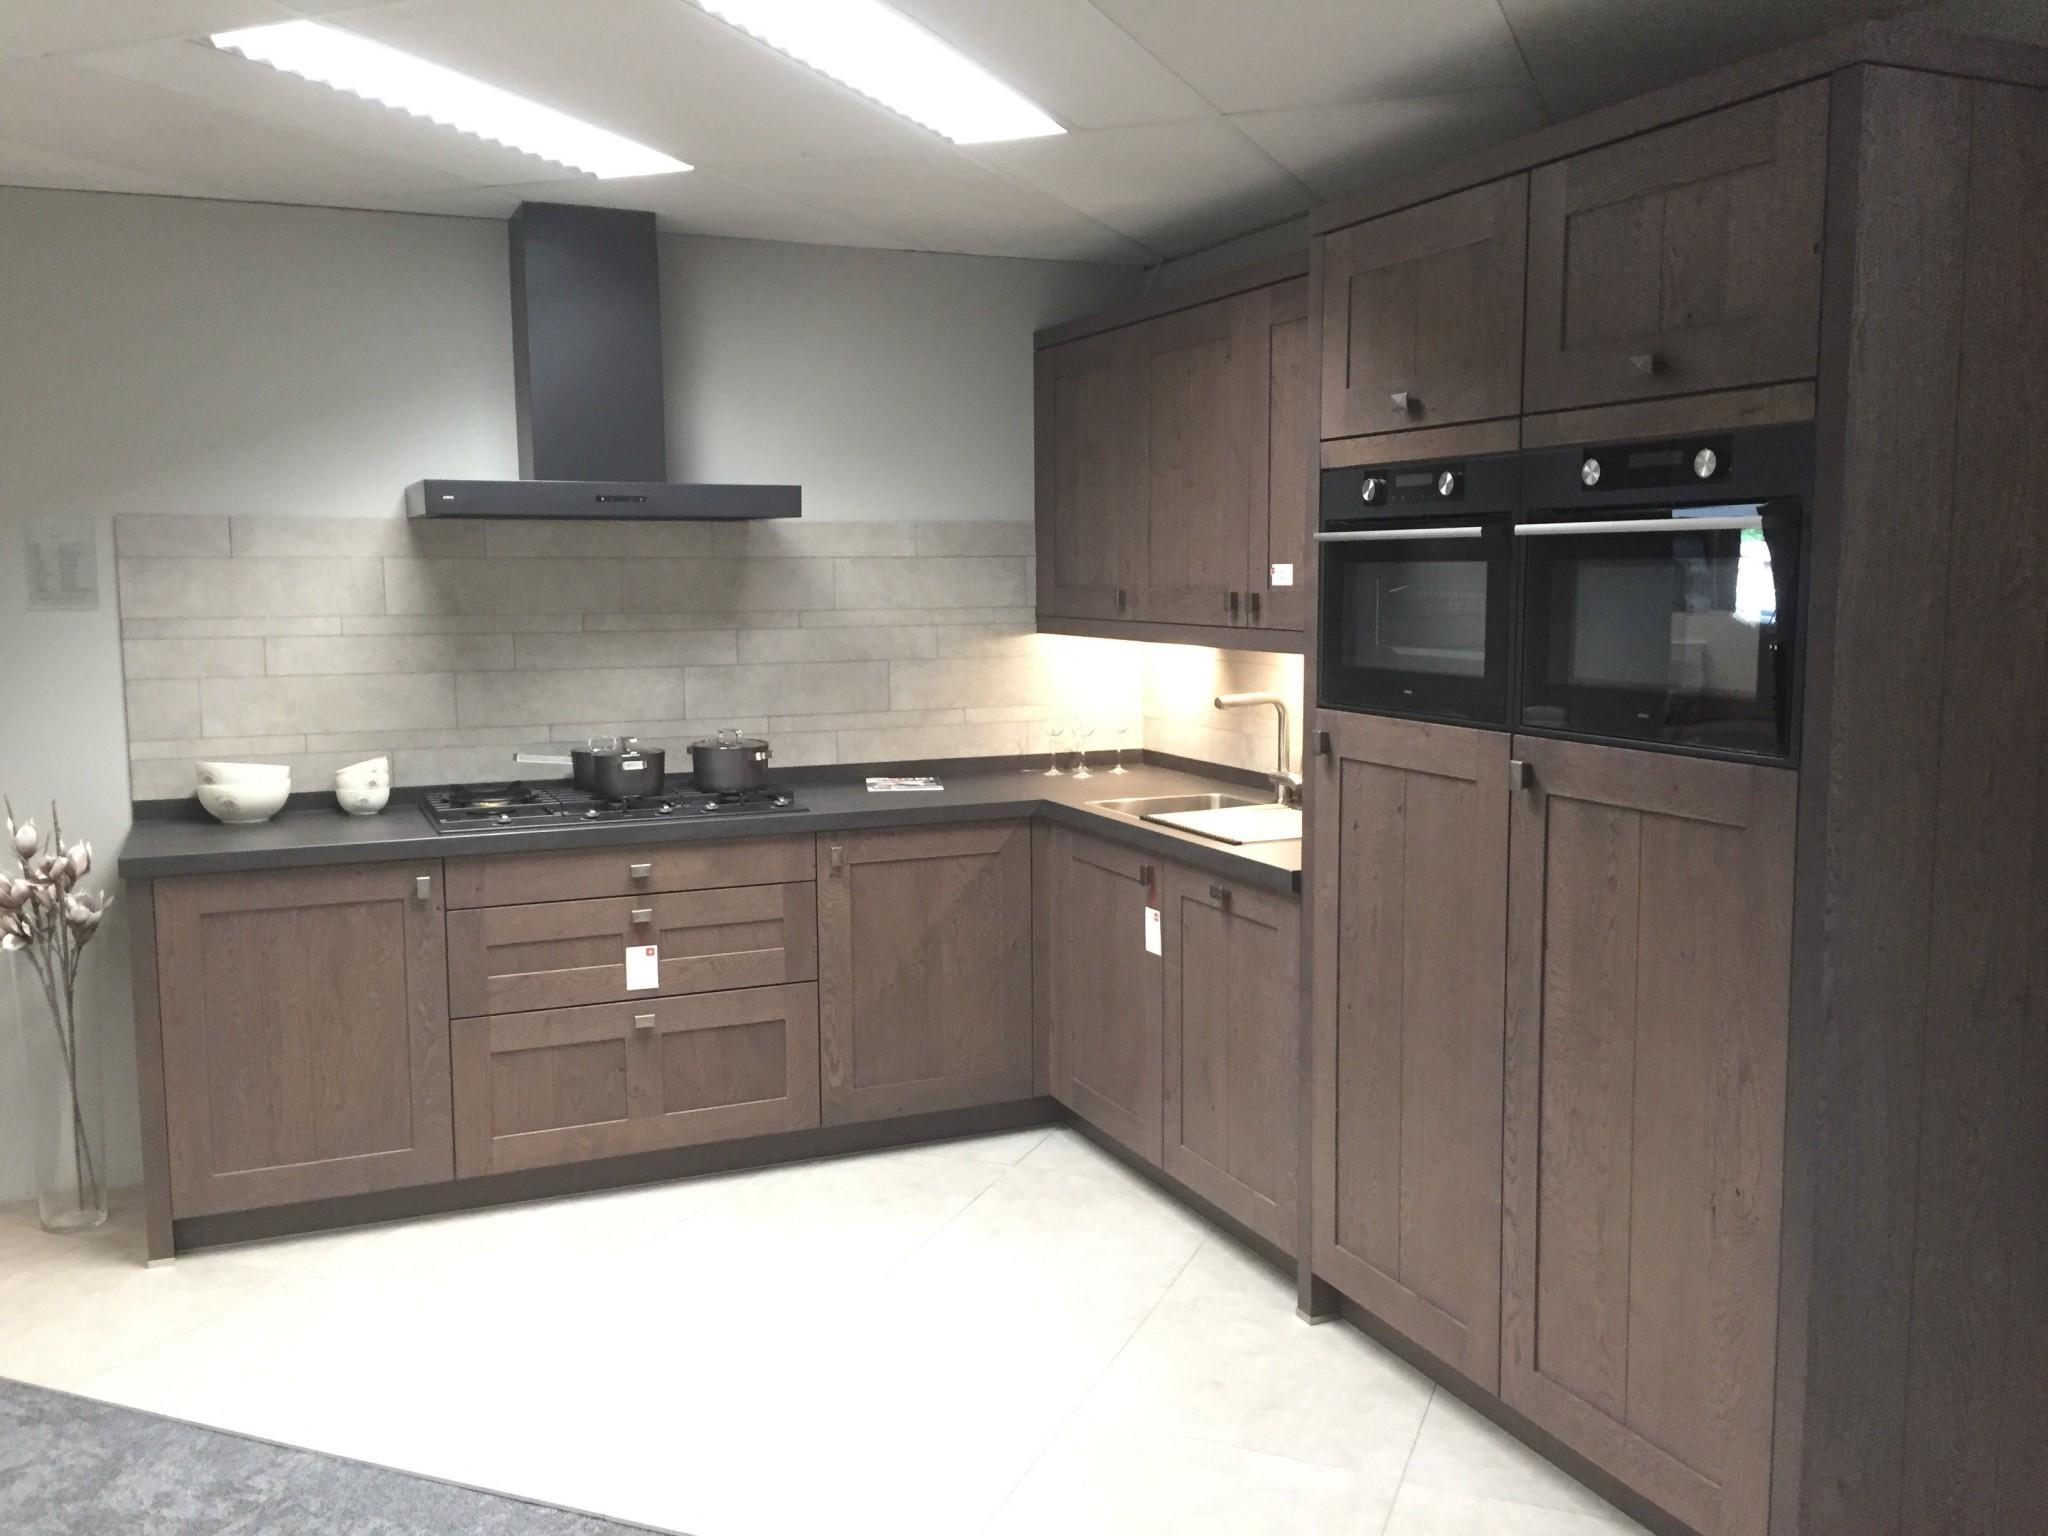 De Eikenhouten Keuken : Massief eikenhouten keuken van vancel kremer keukens showroom